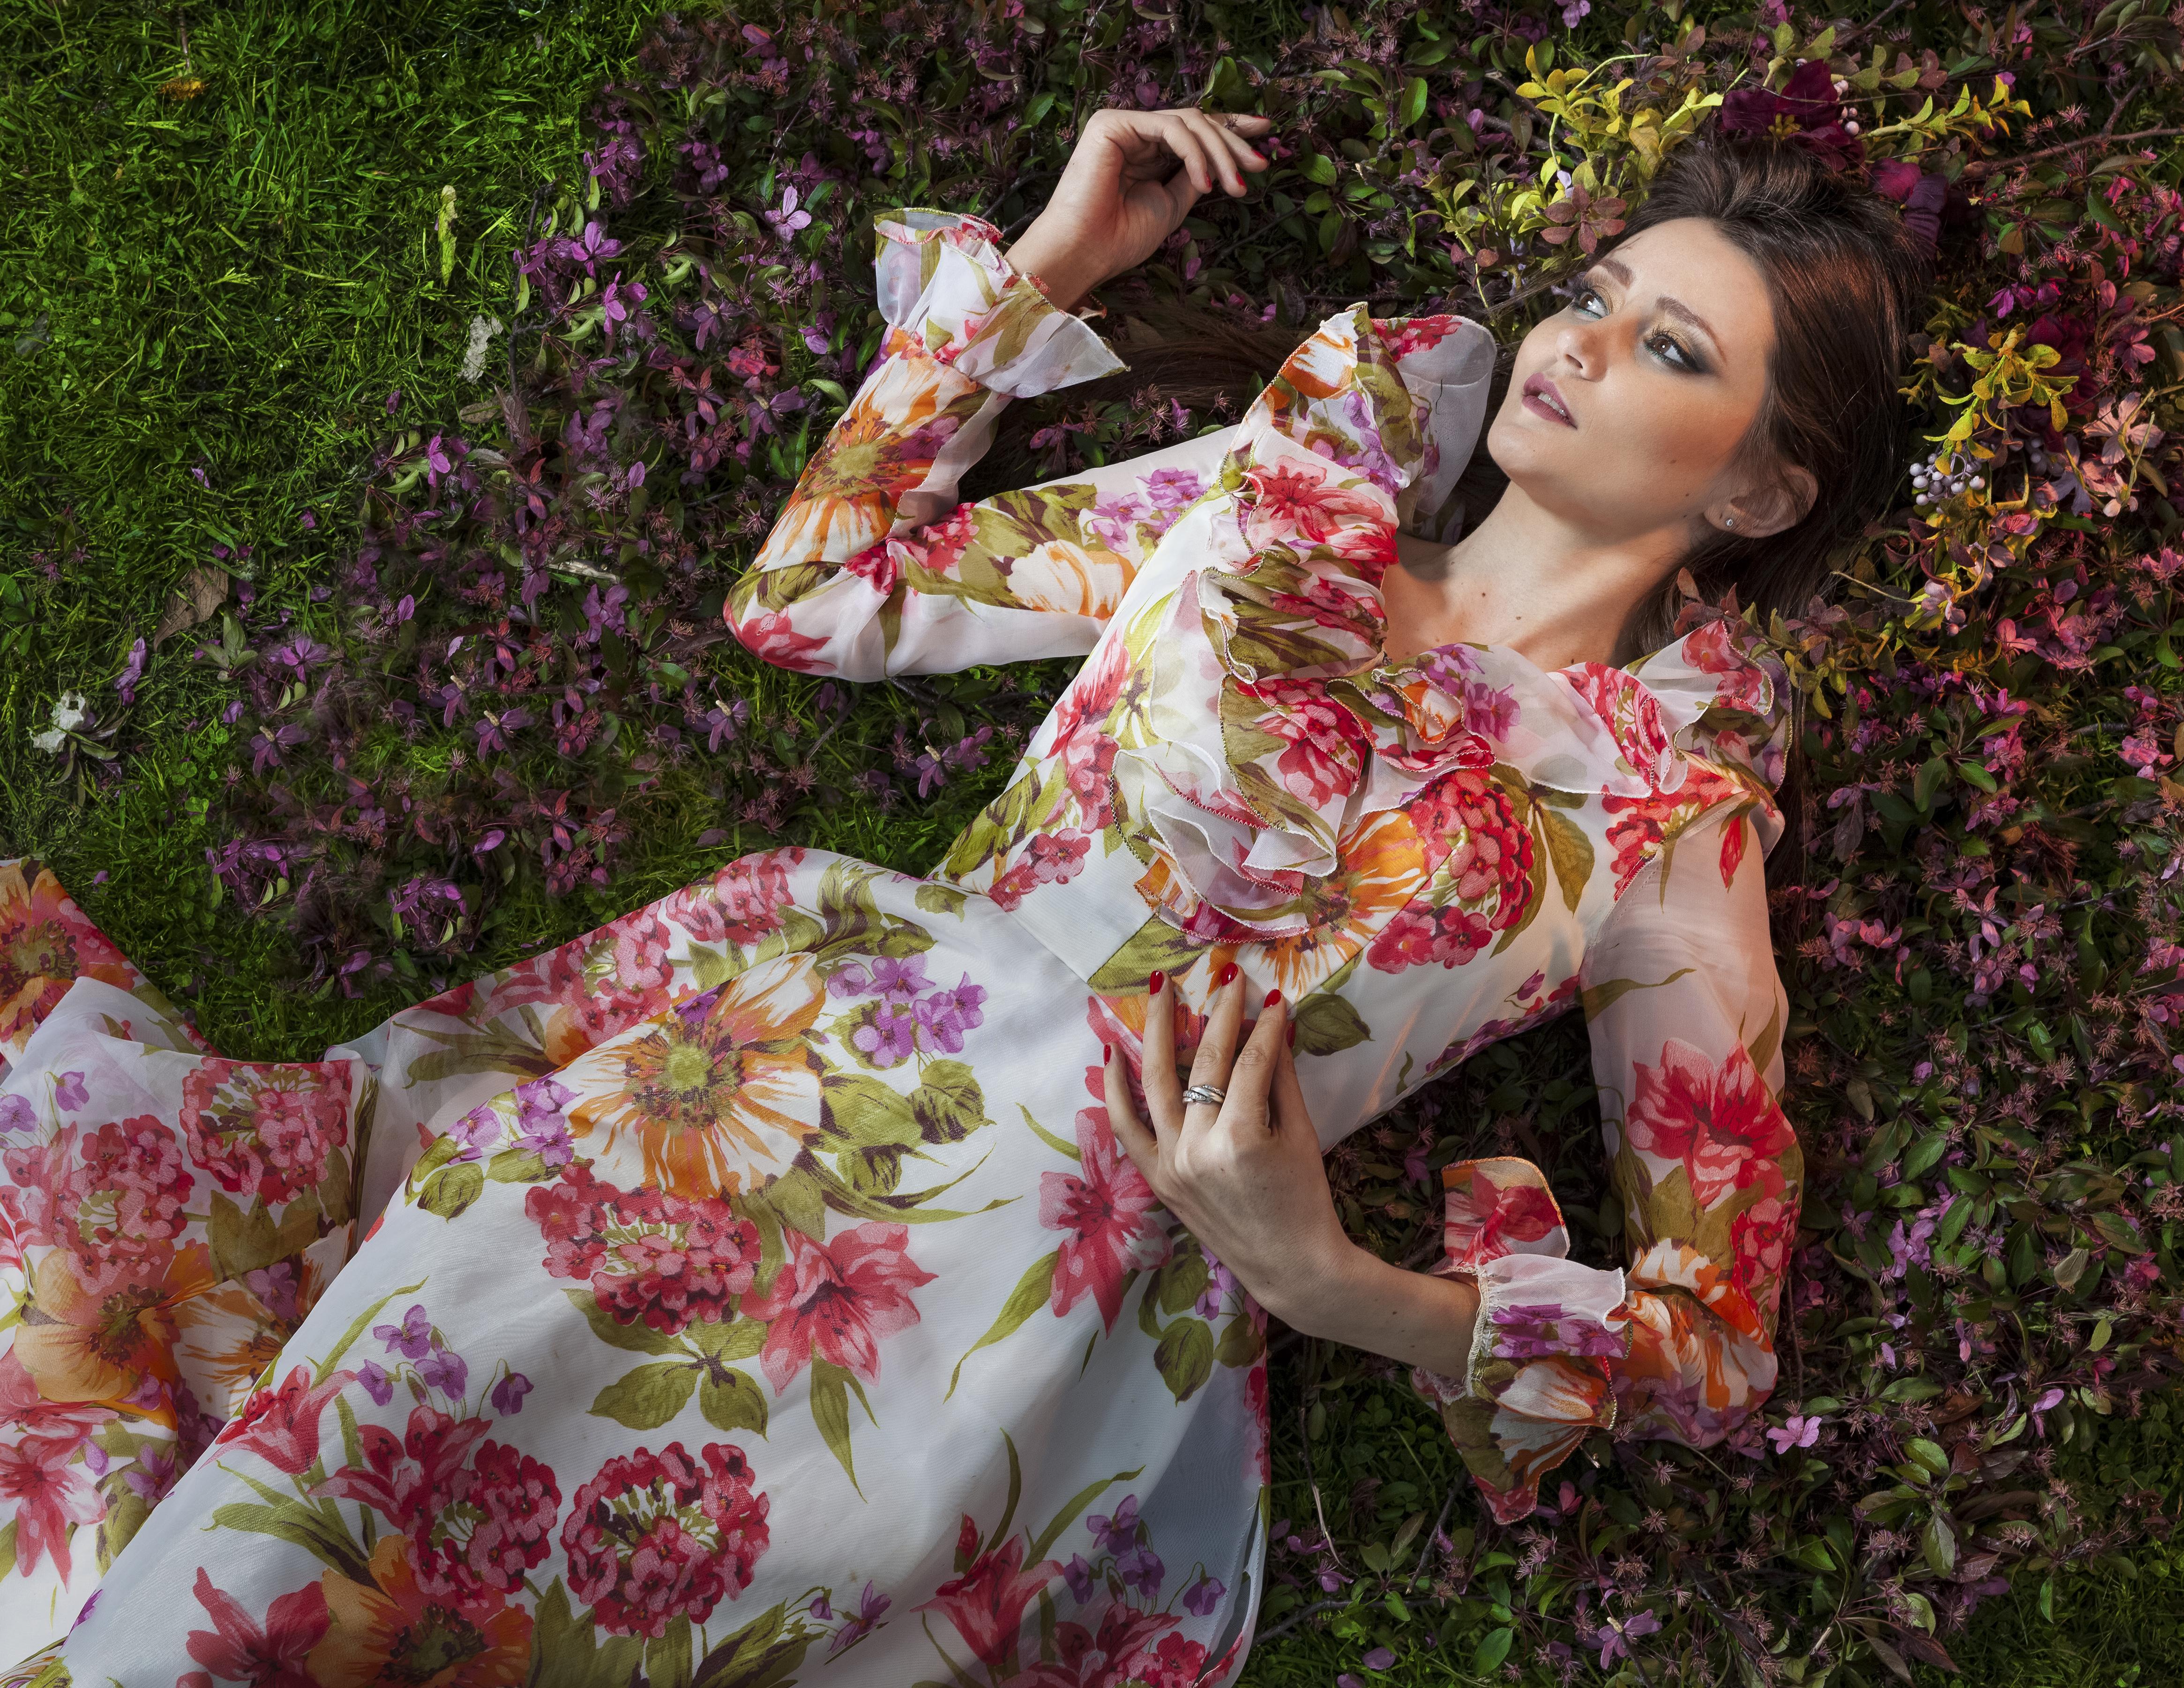 Spring Queen of MODUM is Alinna.